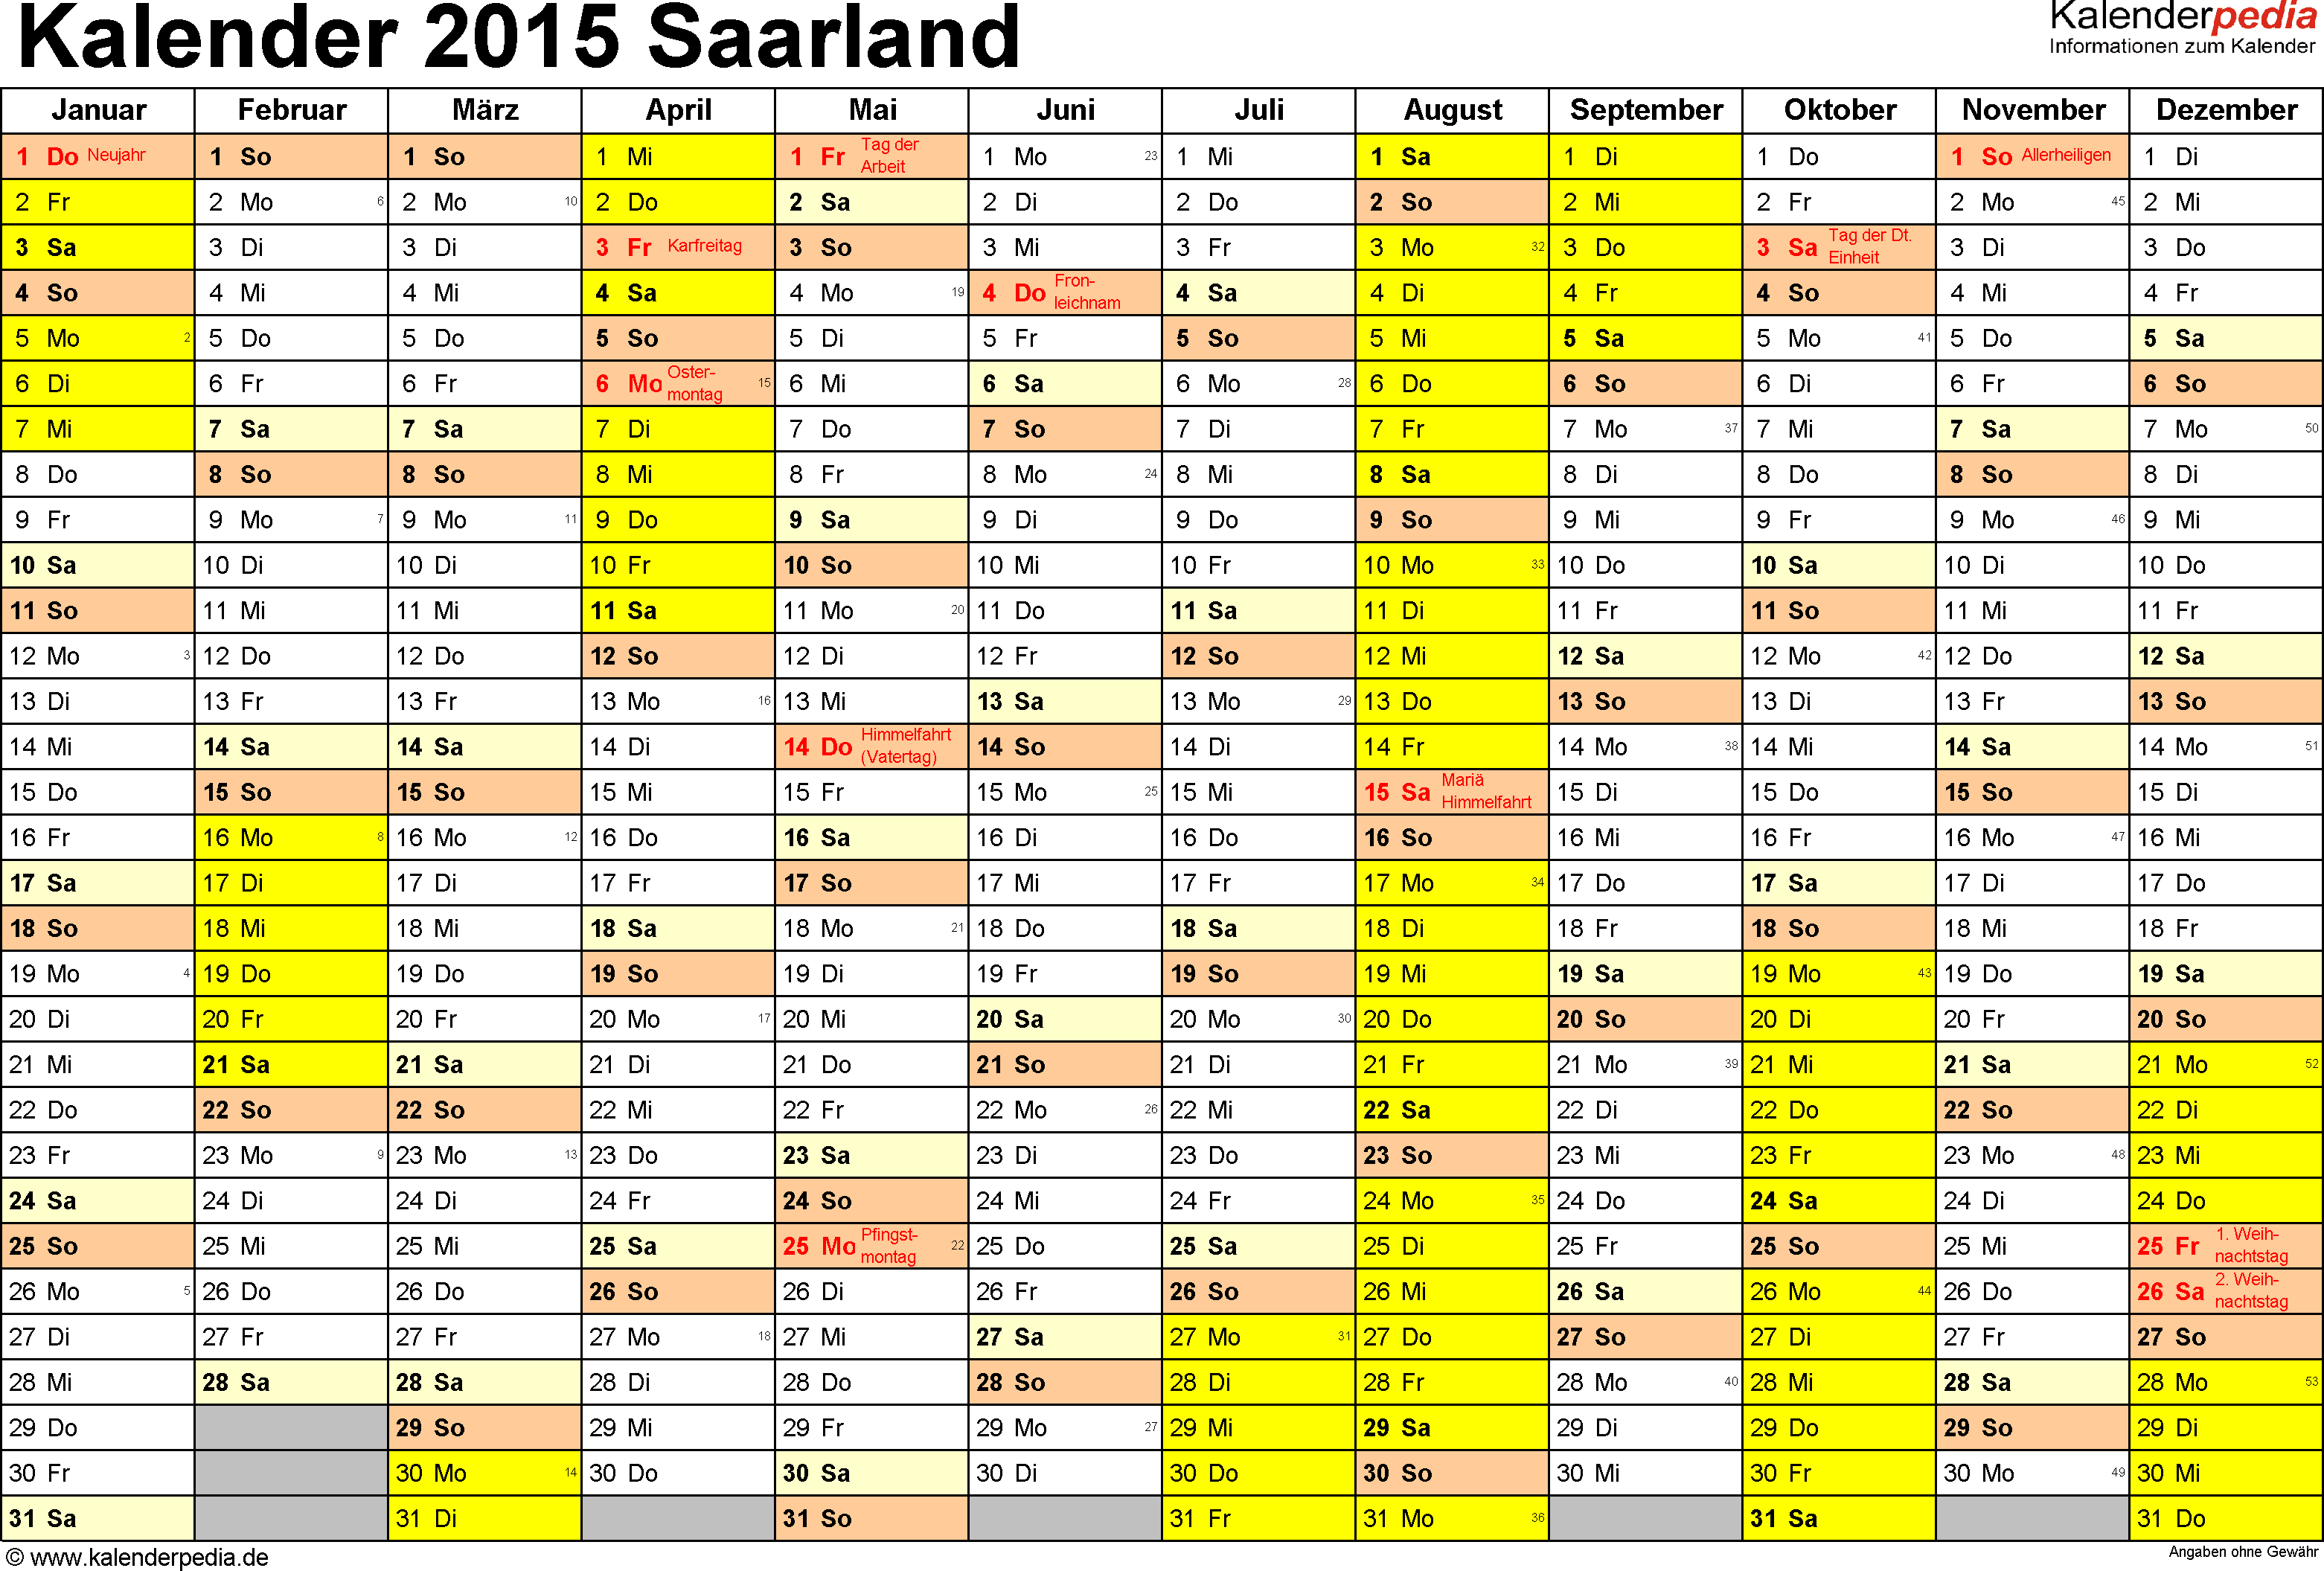 Vorlage 1: Kalender 2015 für Saarland als Word-Vorlage (Querformat, 1 Seite)